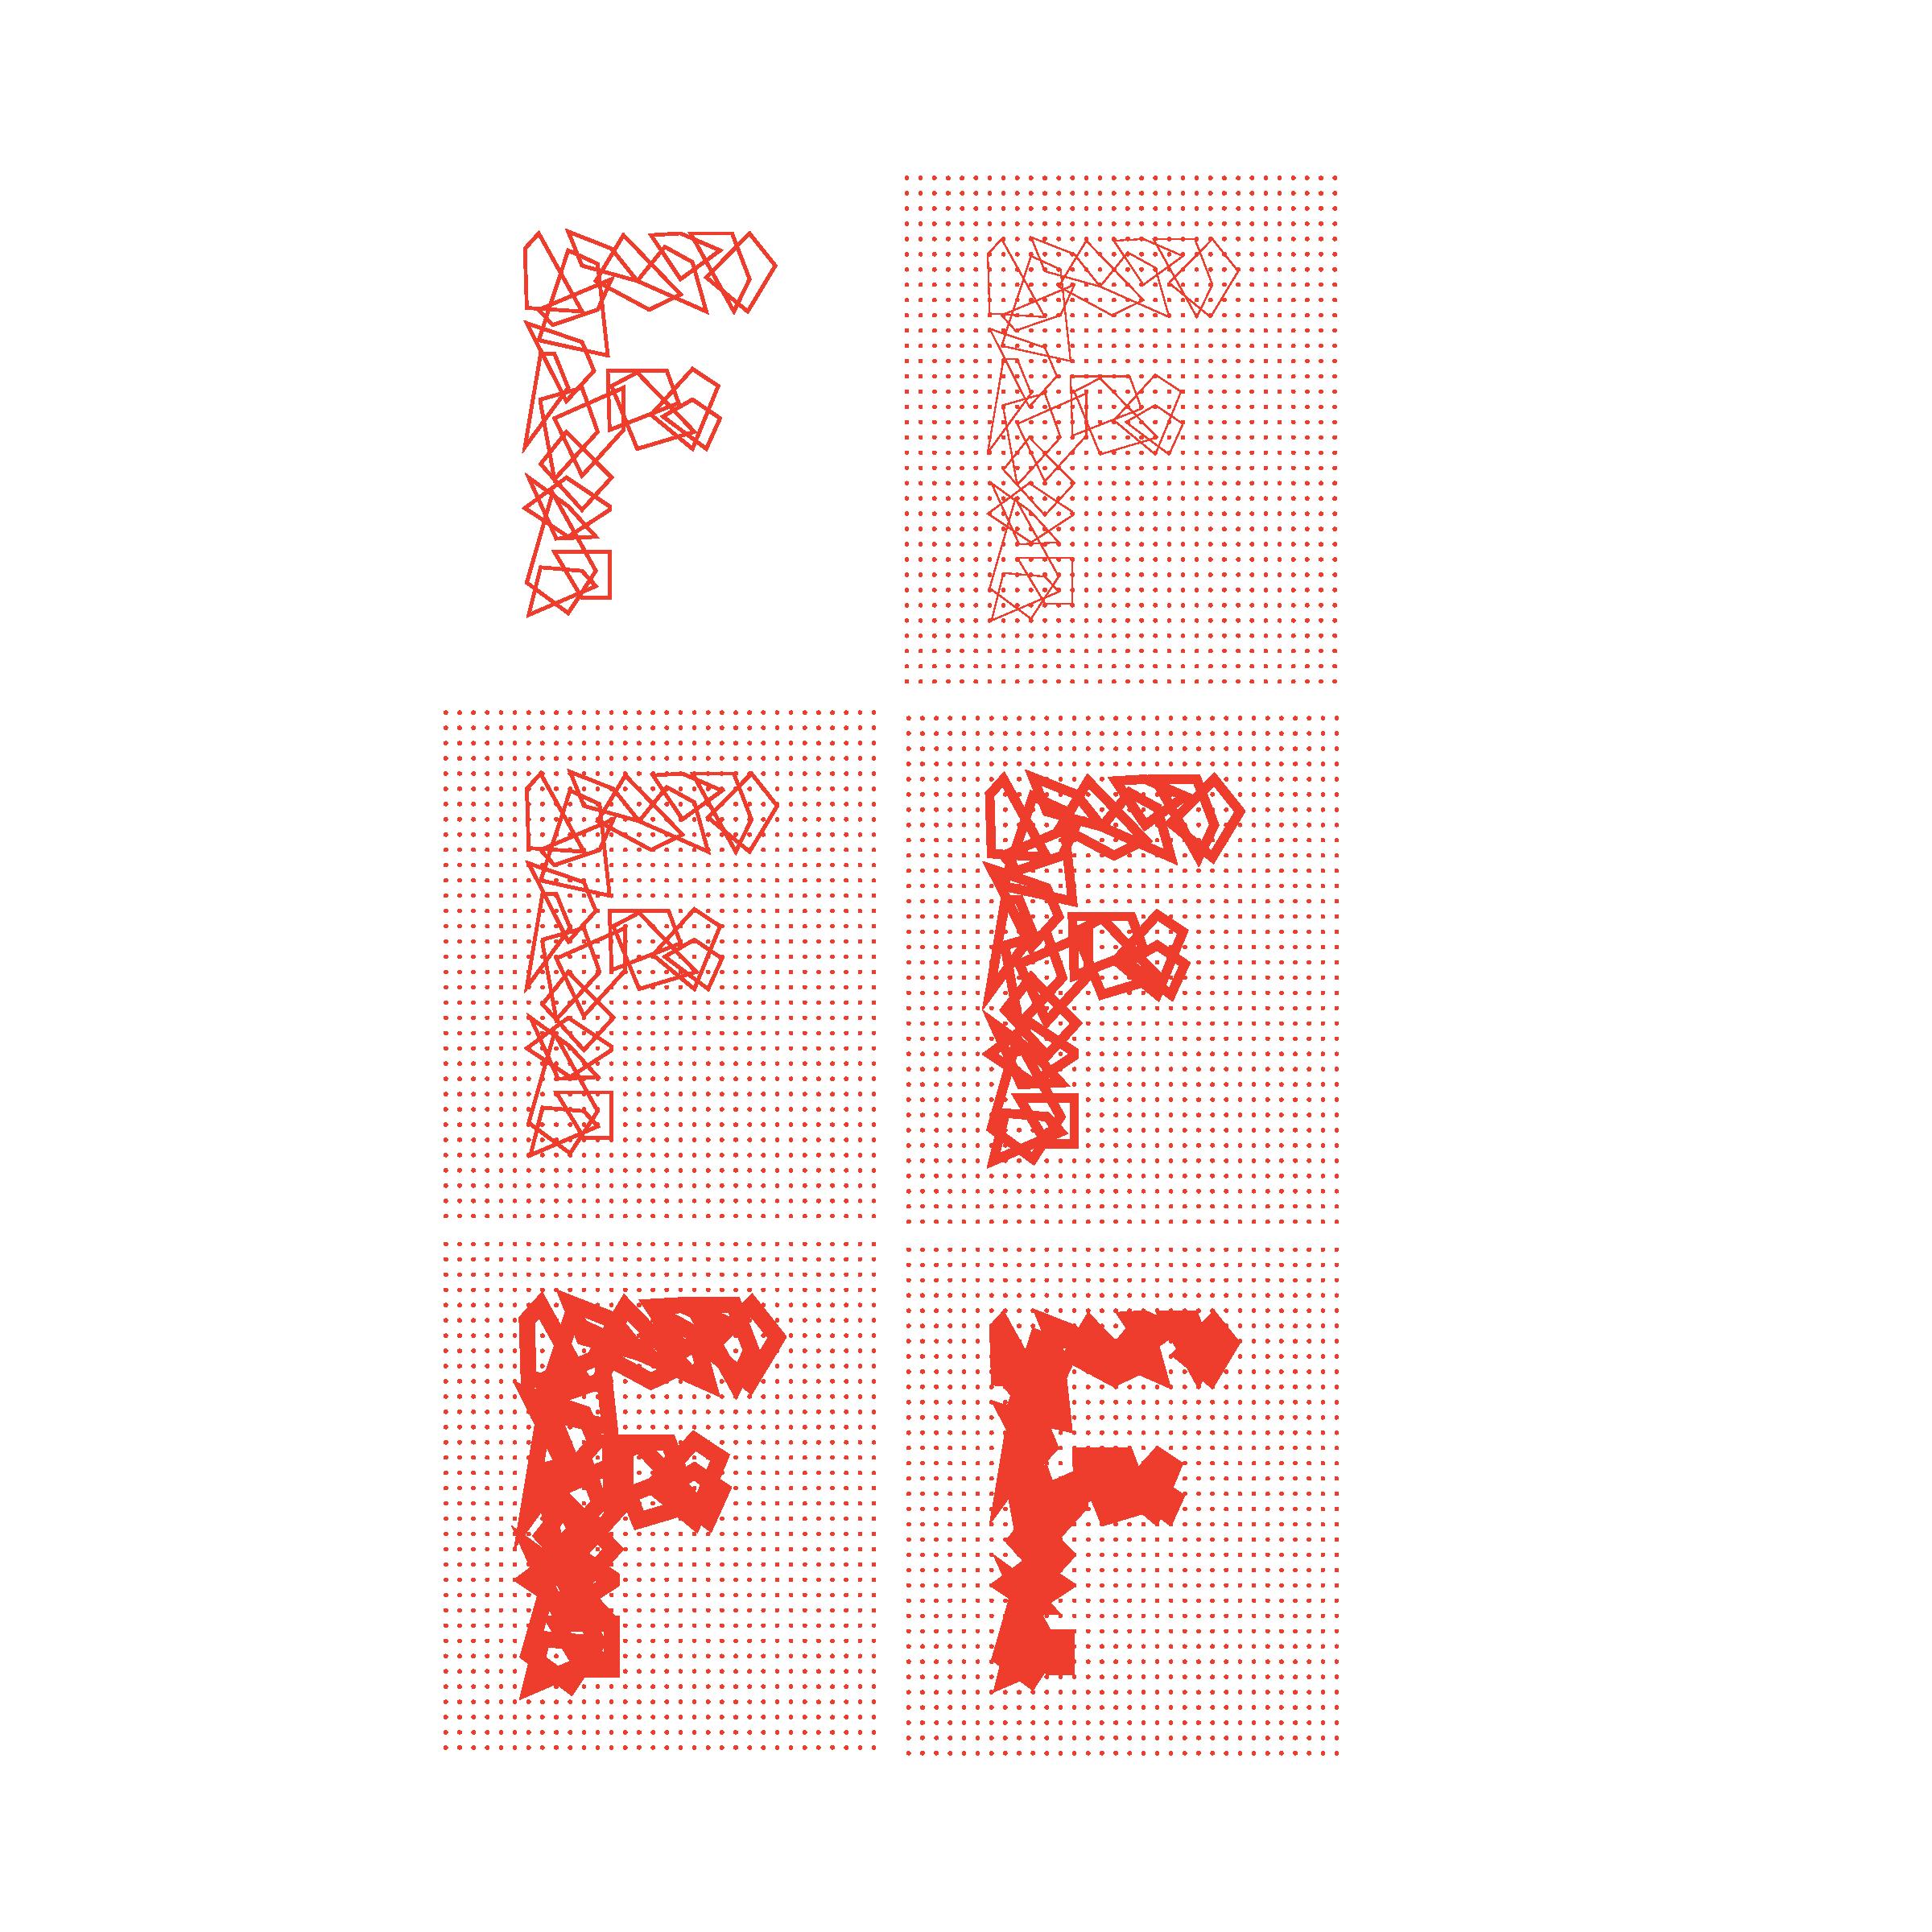 wk 12 logos-31.png